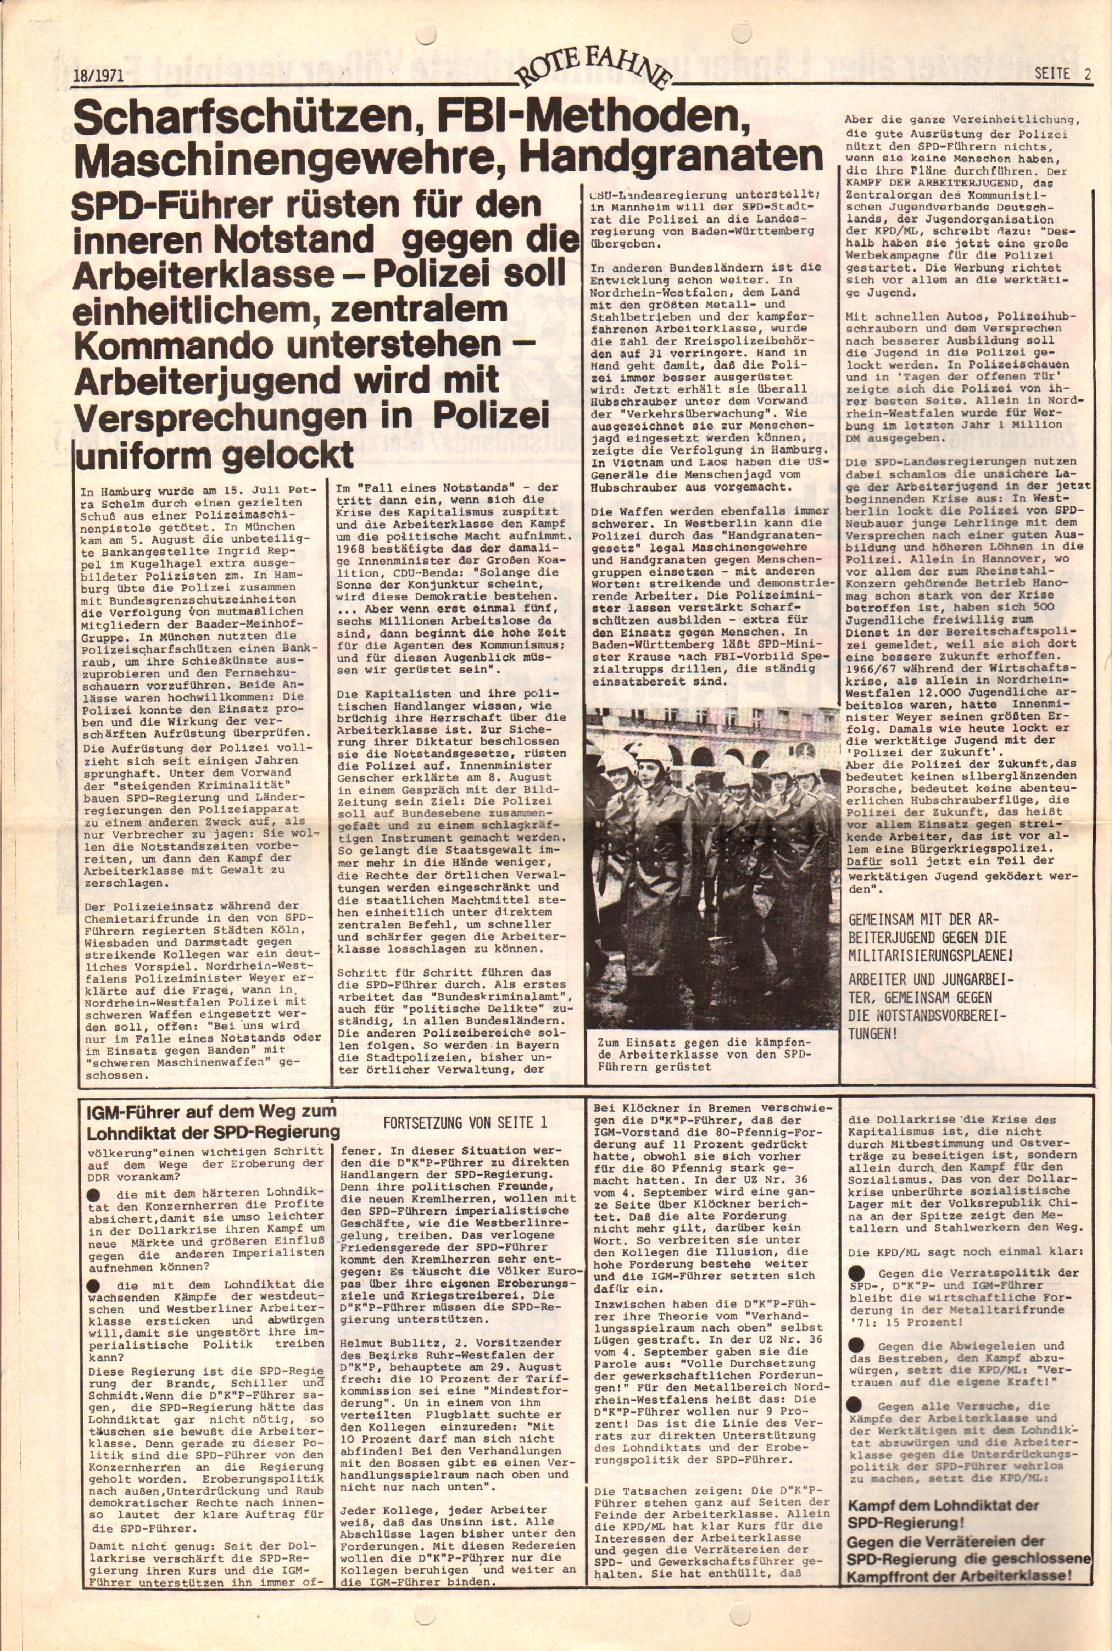 Rote Fahne, 2. Jg., 13.9.1971, Nr. 18, Seite 2